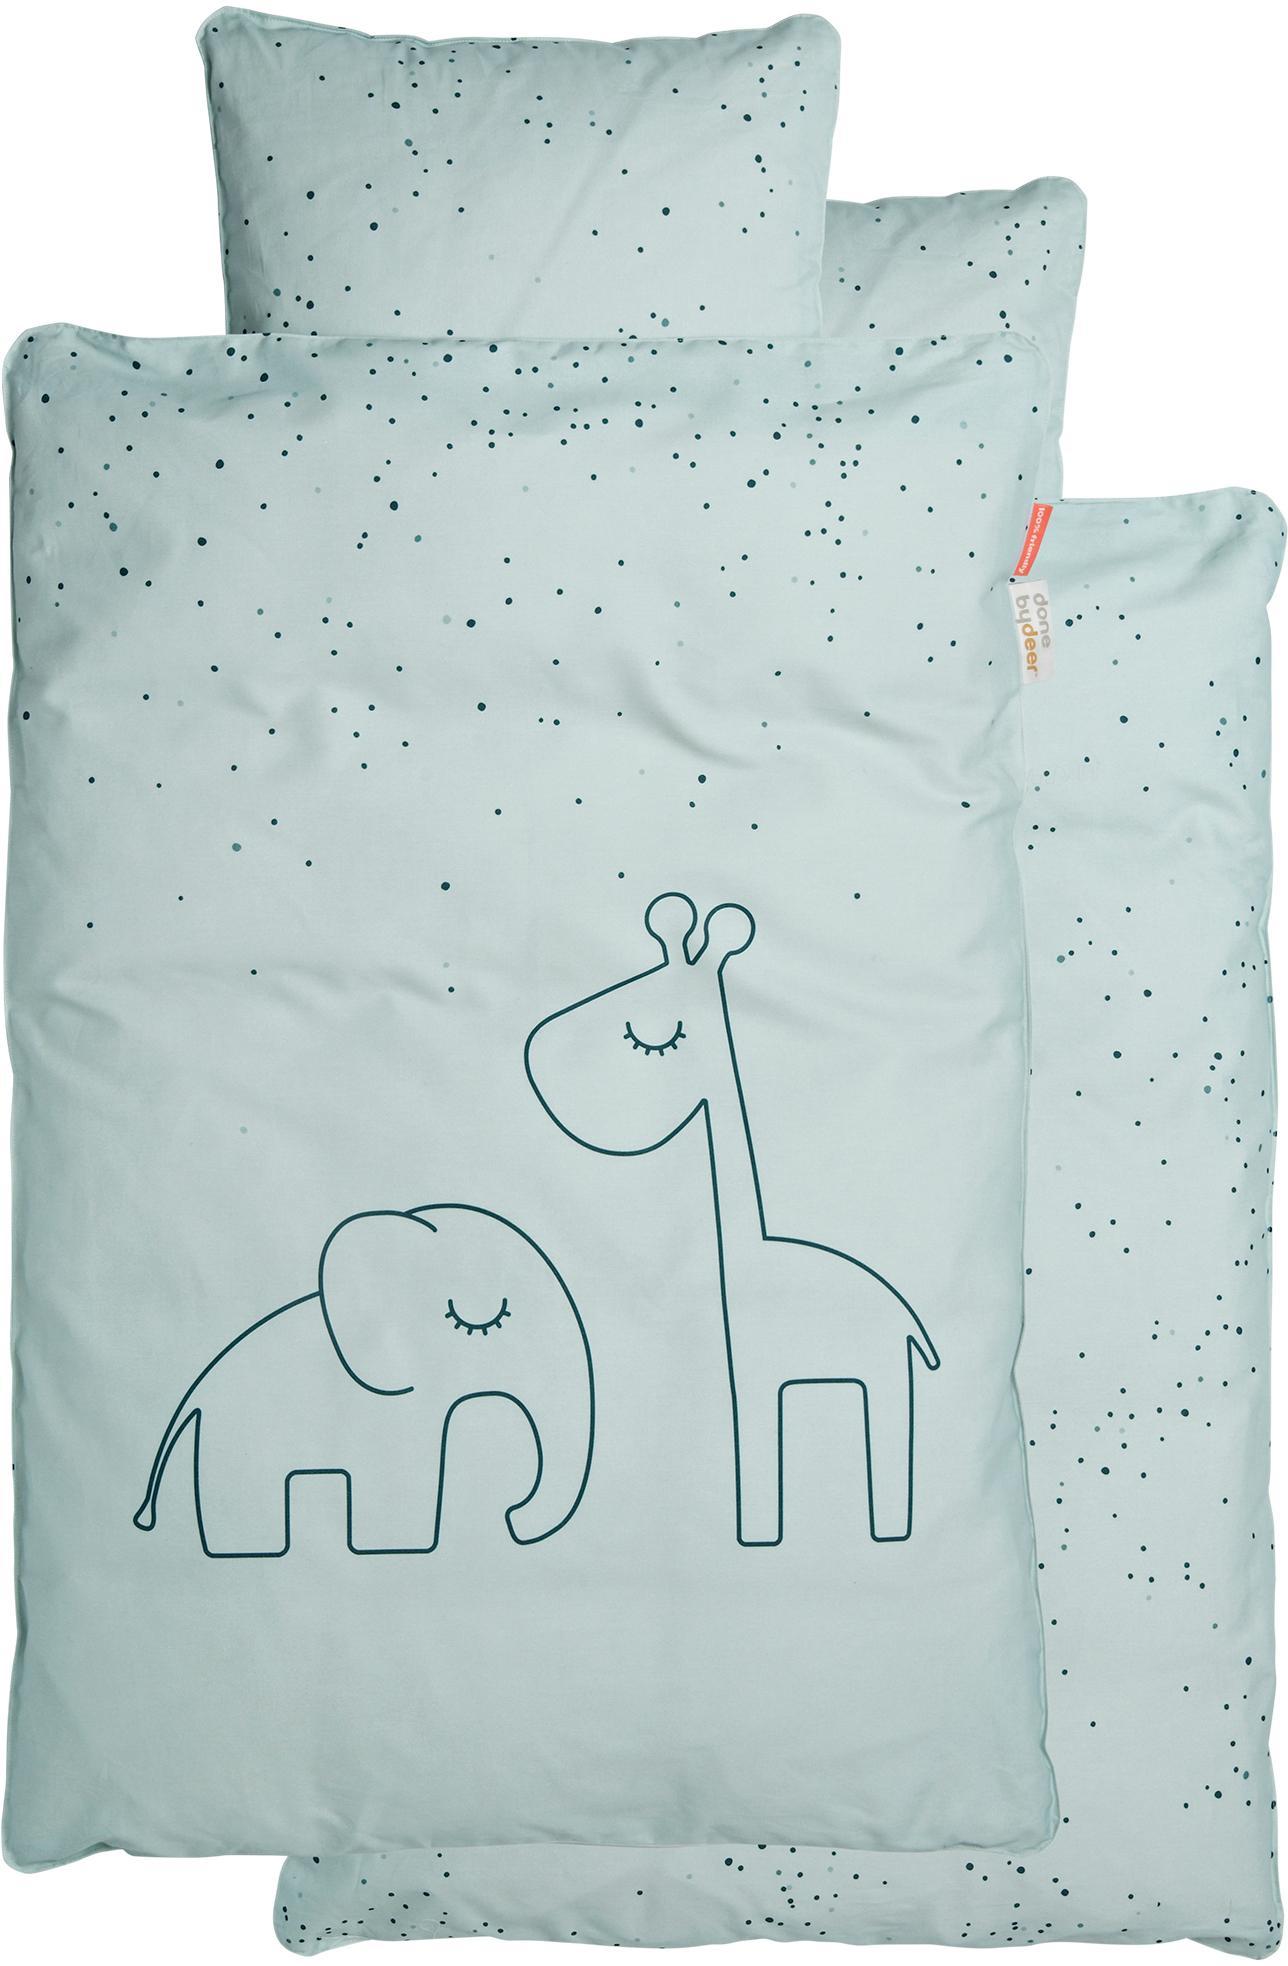 Bettwäsche Dreamy Dots, 100% Baumwolle, Oeko-Tex zertifiziert, Blau, 100 x 140 cm + 1 Kissen 40 x 60 cm